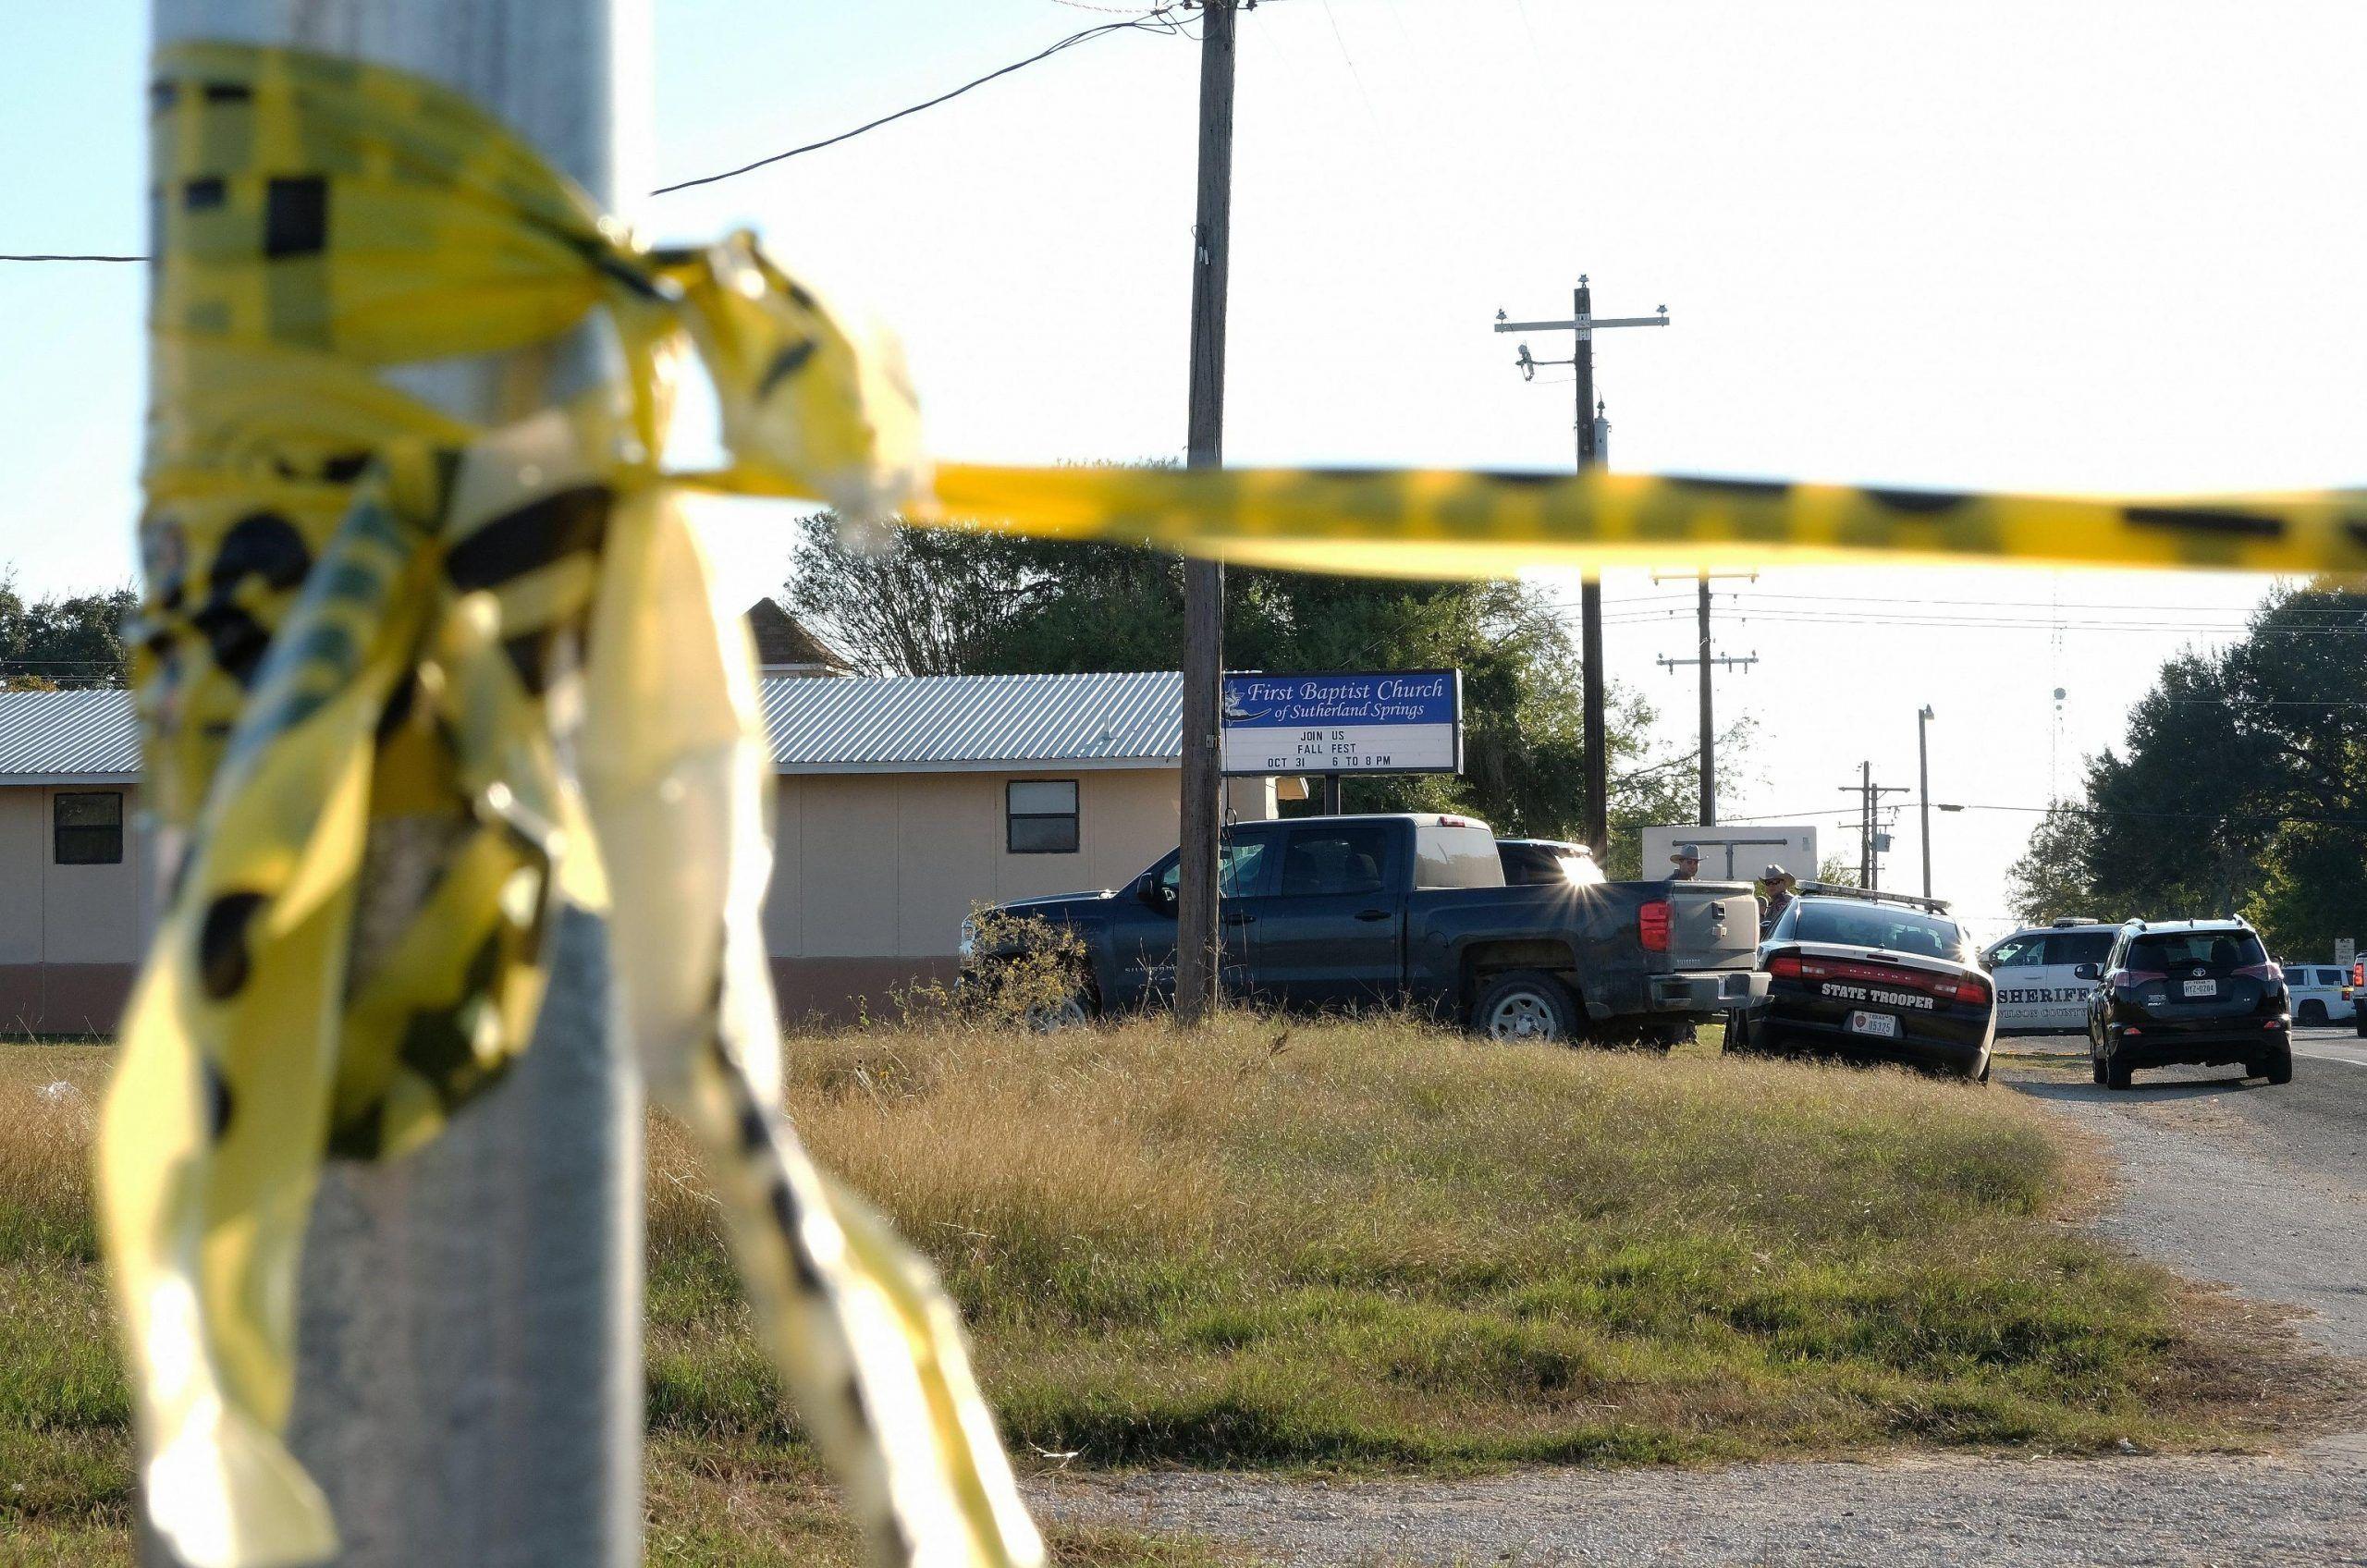 Attentato chiesa Texas: chi è Devin Kelley, il killer che ha ucciso 26 fedeli